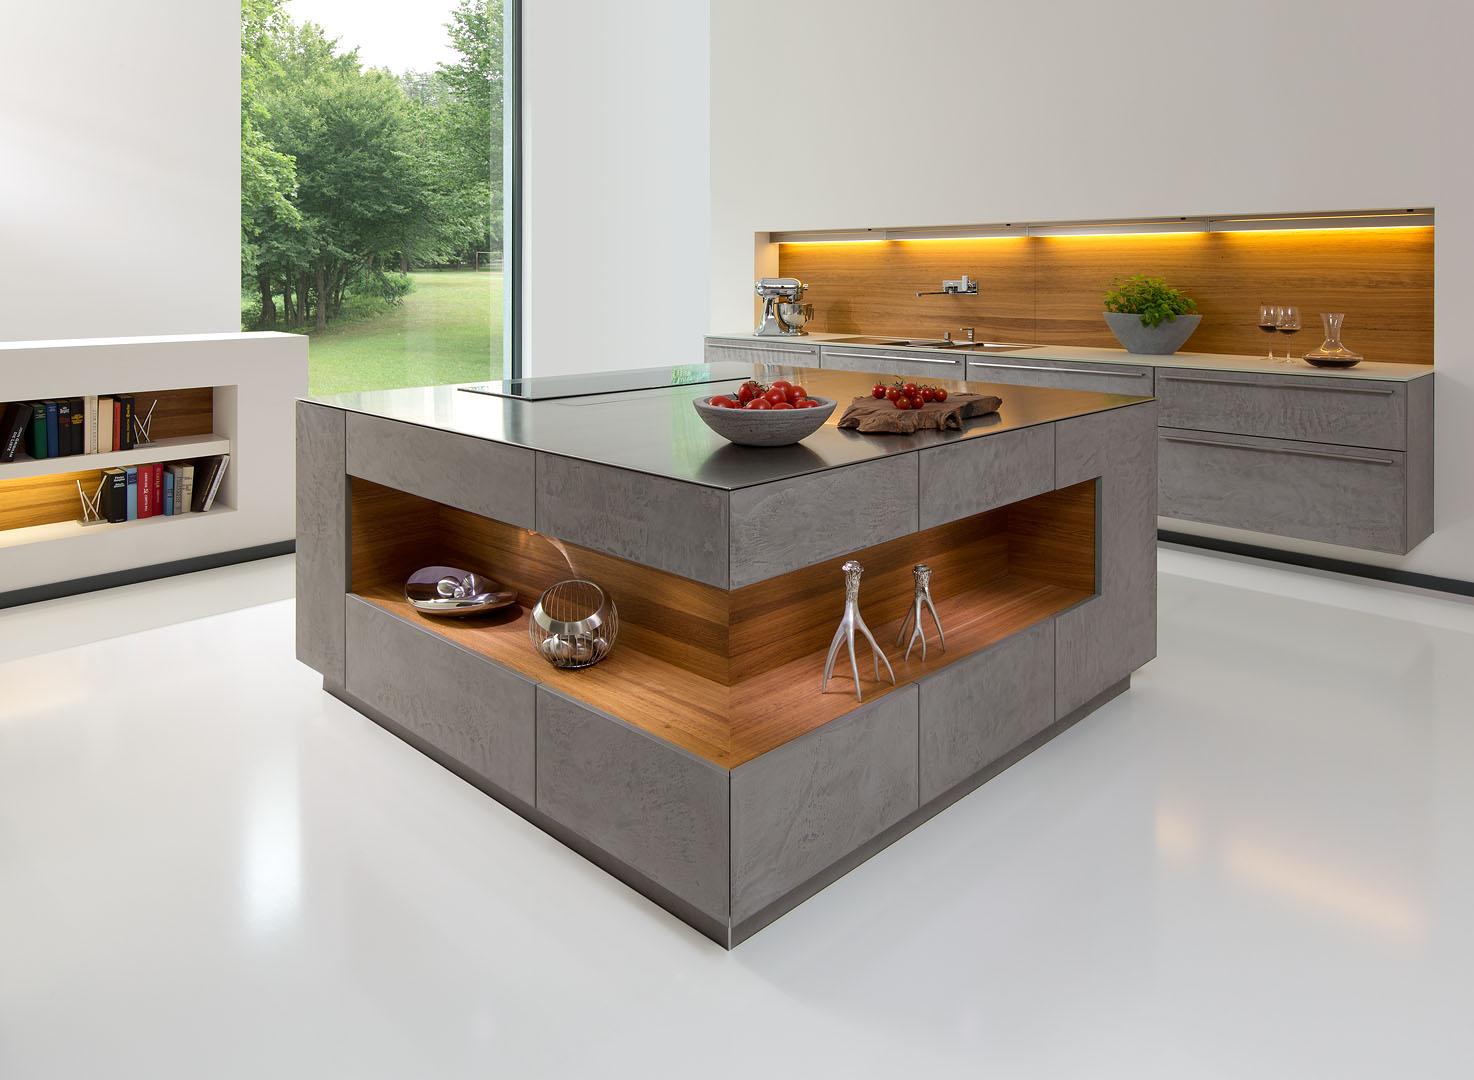 Full Size of Hängeregal Kücheninsel Eine Moderne Kochinsel Fr Luxurise Kchen Küche Wohnzimmer Hängeregal Kücheninsel